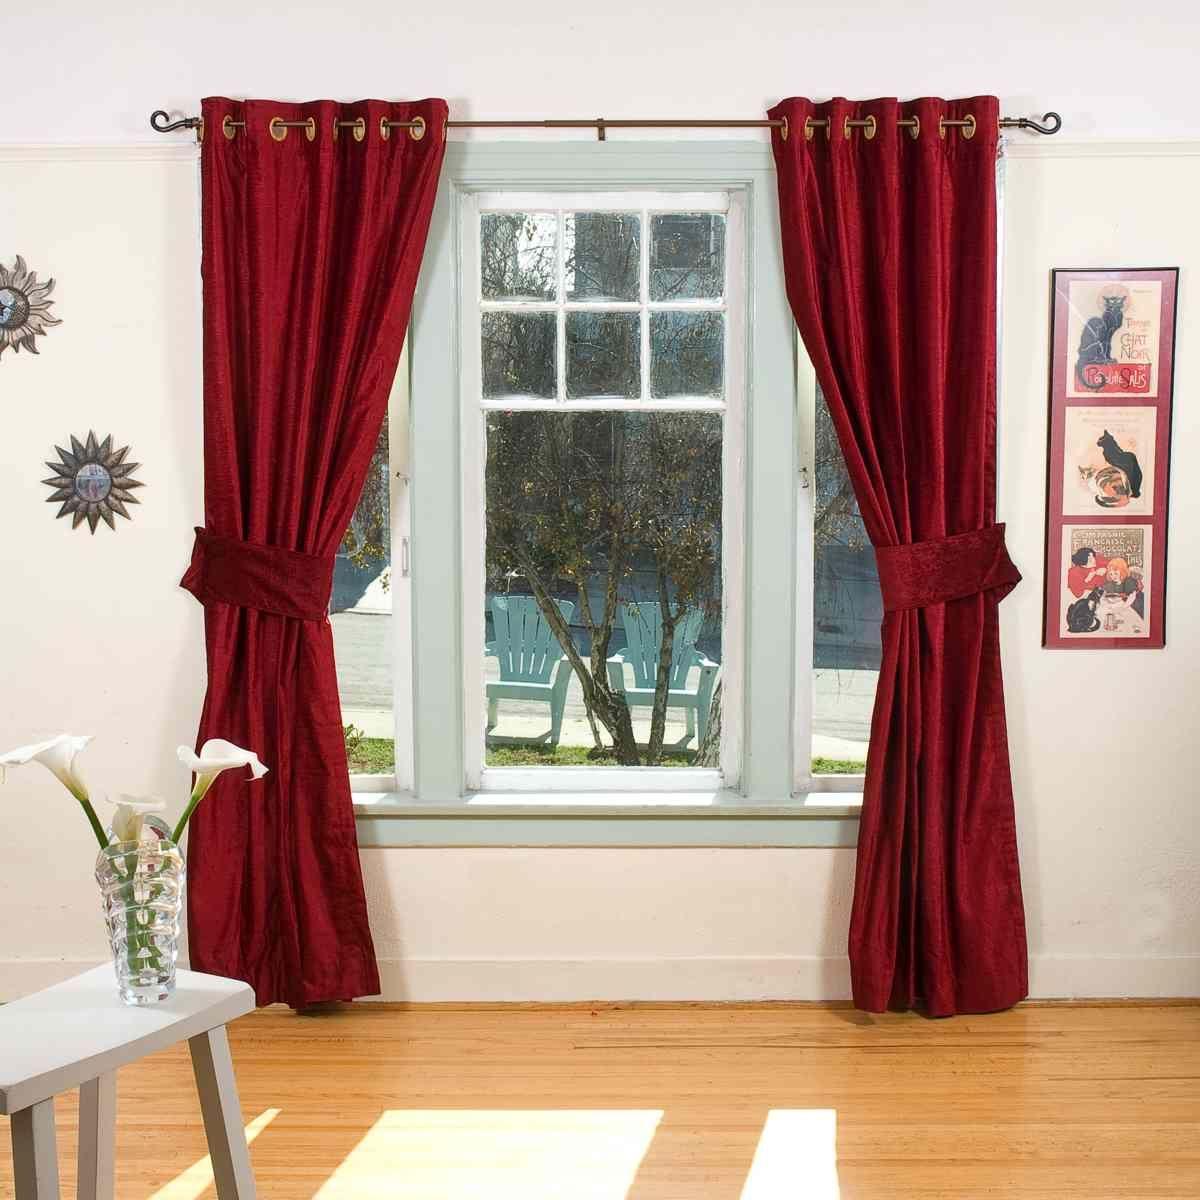 Schwarz Weiß Vorhänge In Einem Modernen Interieur 21: Beautiful Burgendy Curtains